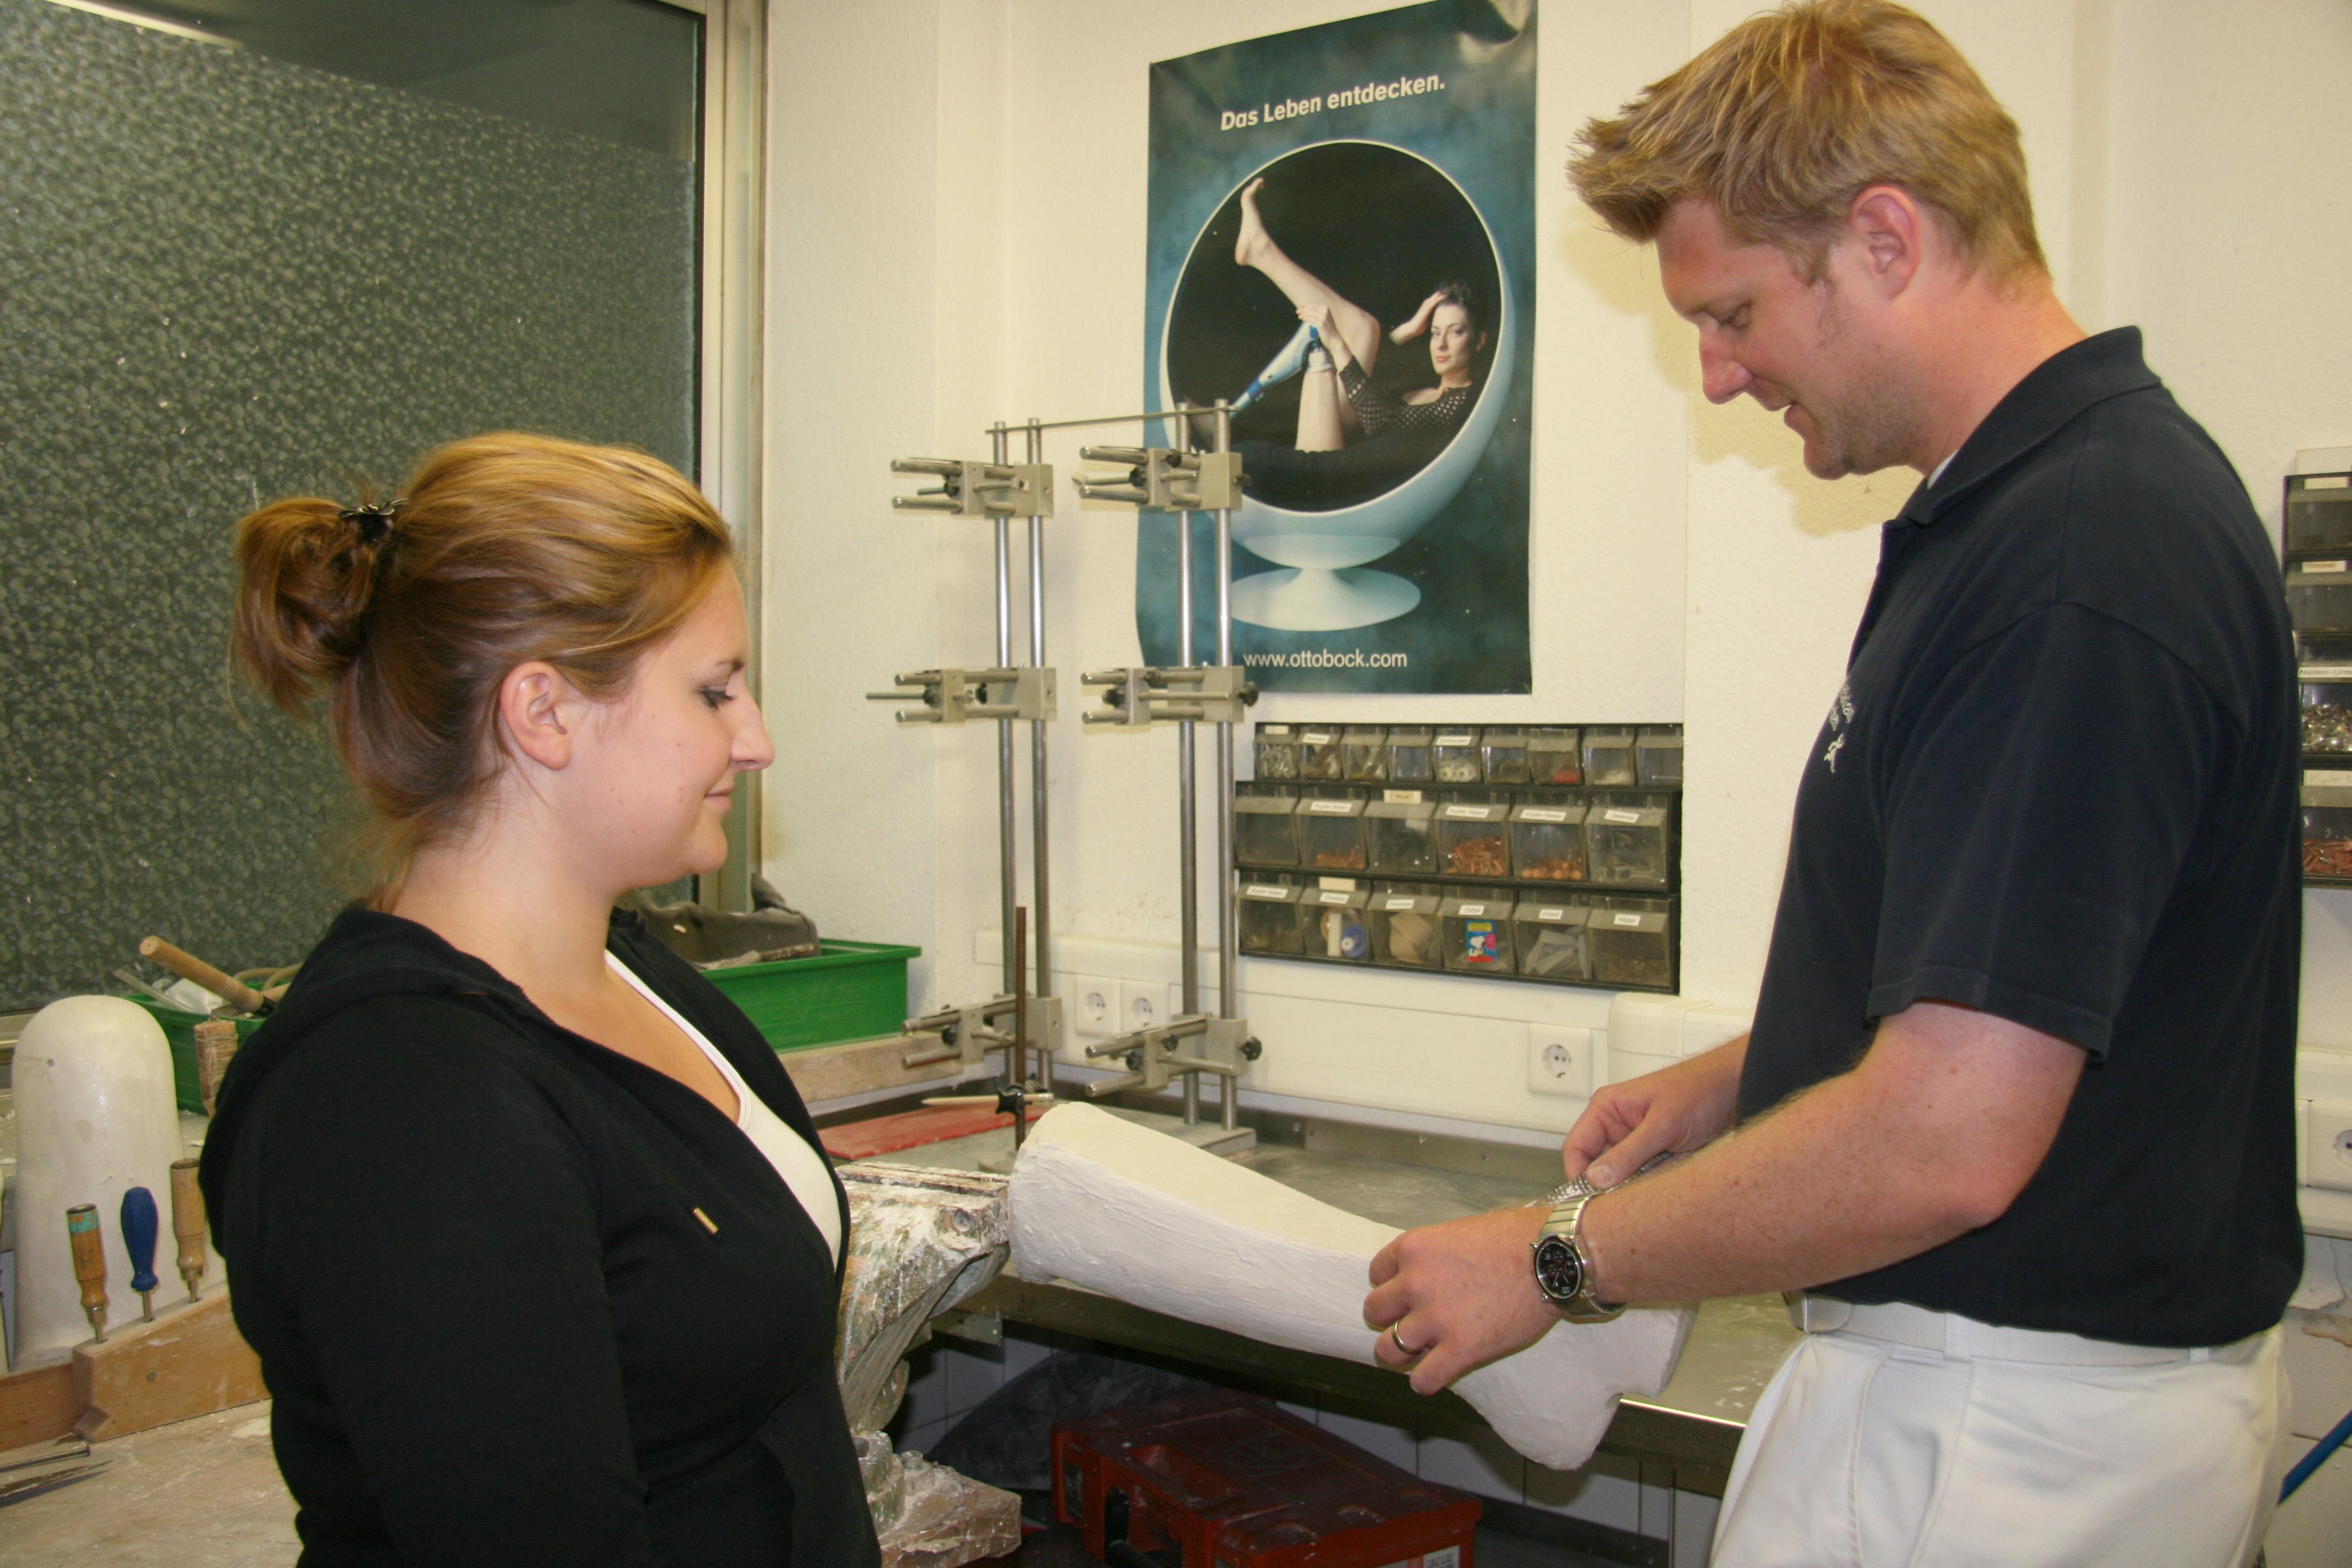 Orthopädietechnik-Meister Tobias Quarg zeigt der Auszubildenden, wie ein Gipsmodell in Form geraspelt wird.